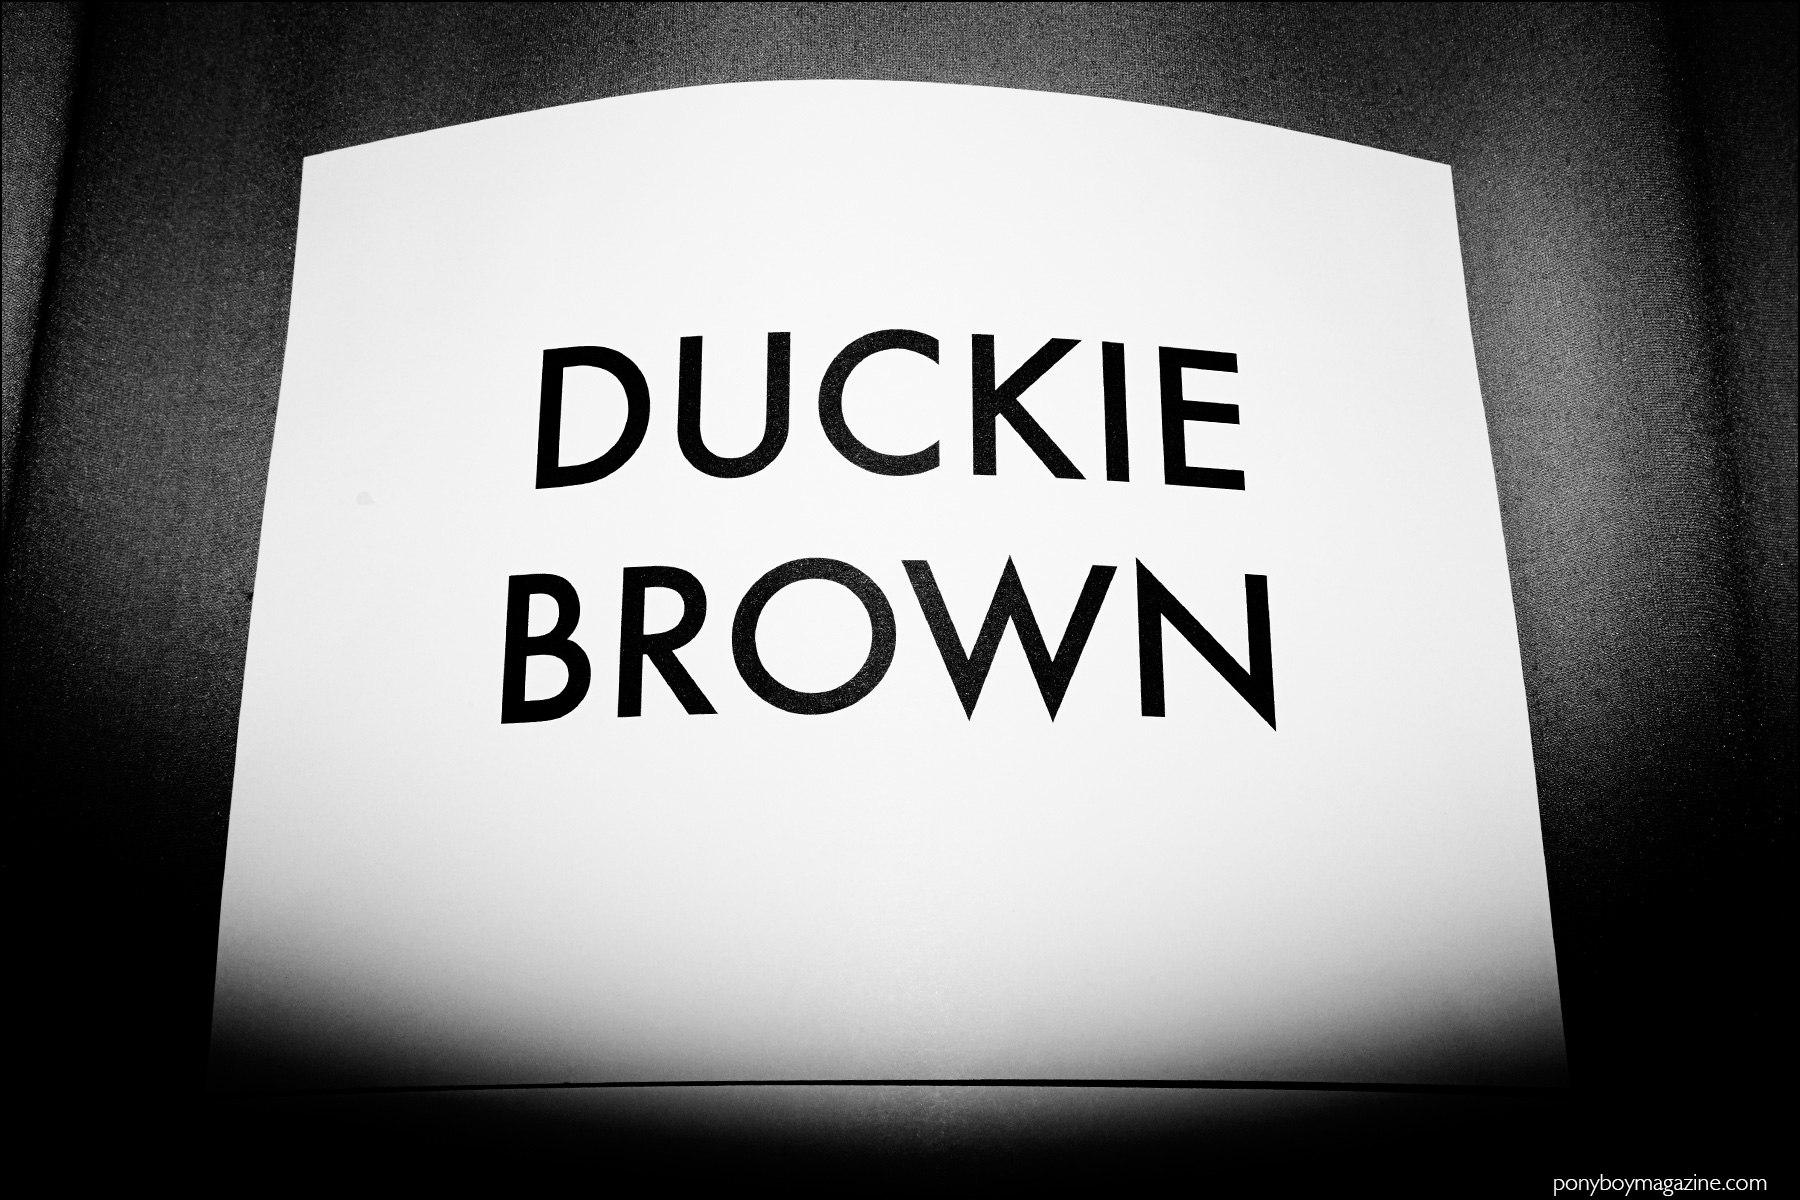 Duckie Brown F/W16 menswear. Ponyboy magazine NY.